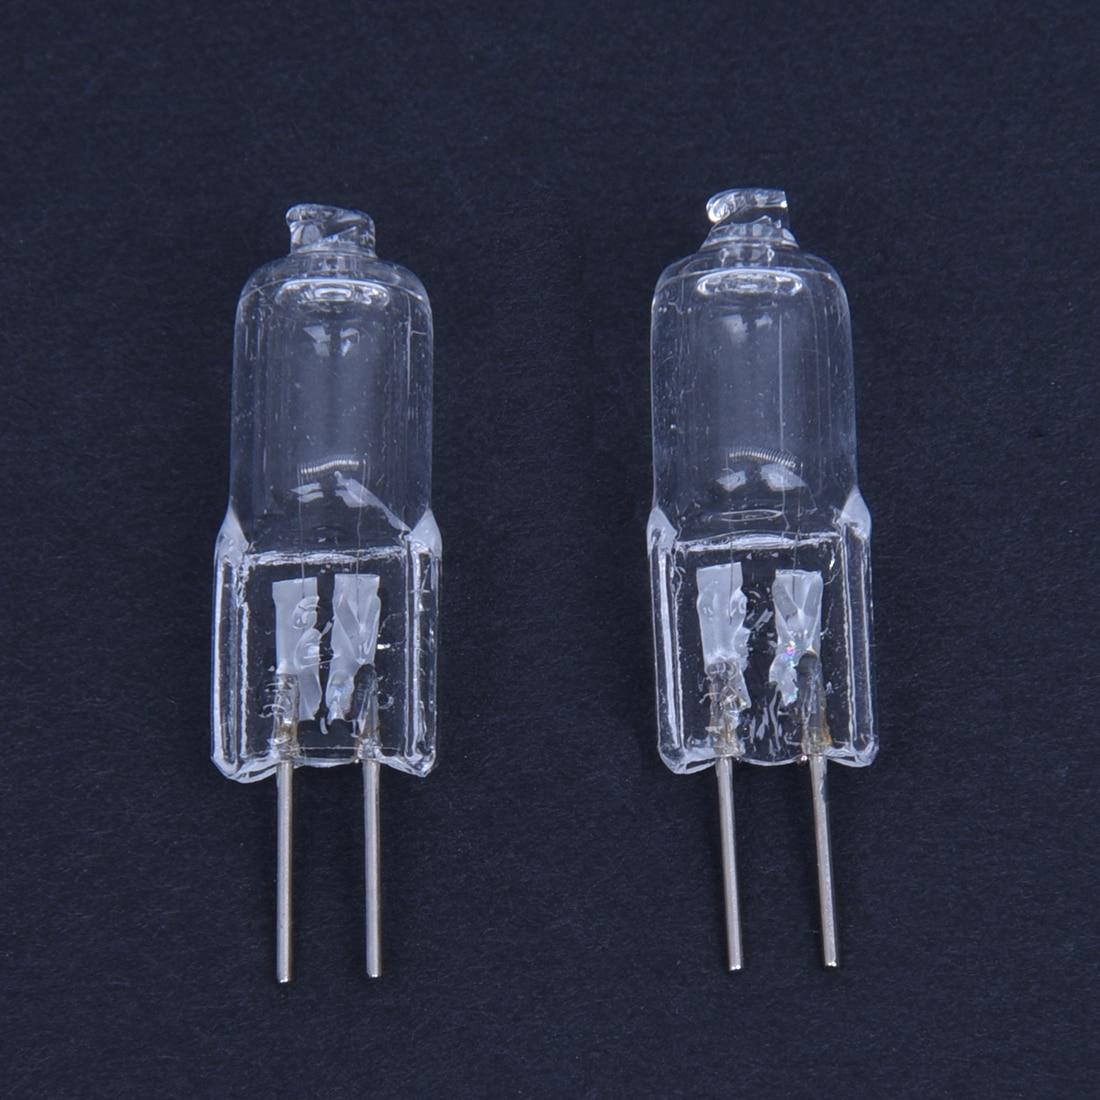 Newest 20pcs/lot Super Bright G4 12V 5W JC Type Halogen Light Bulb Lamp 12V 5W 5 Watt Tungsten Halogen Bulb Lamp Lighting Light